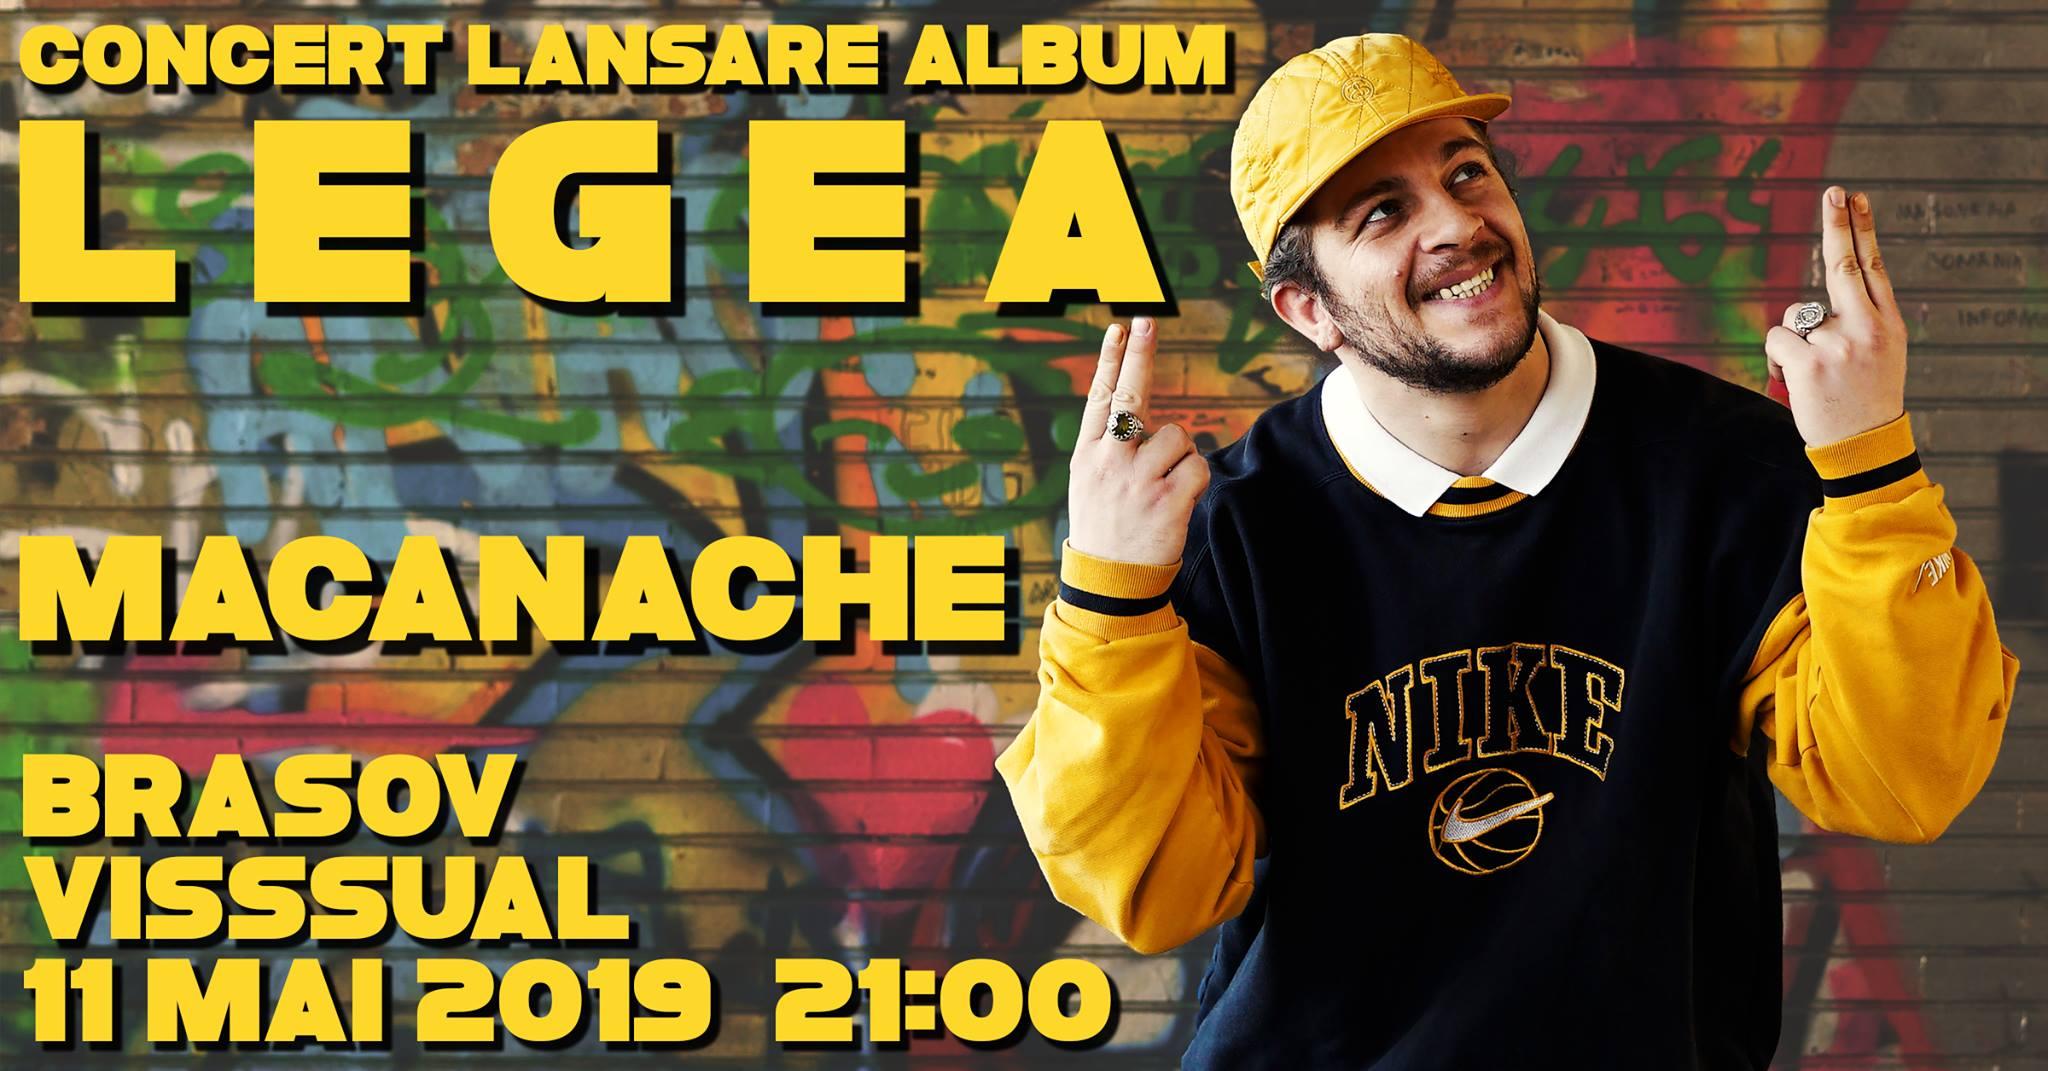 Concert Lansare Album LEGEA | Macanache & Siberia